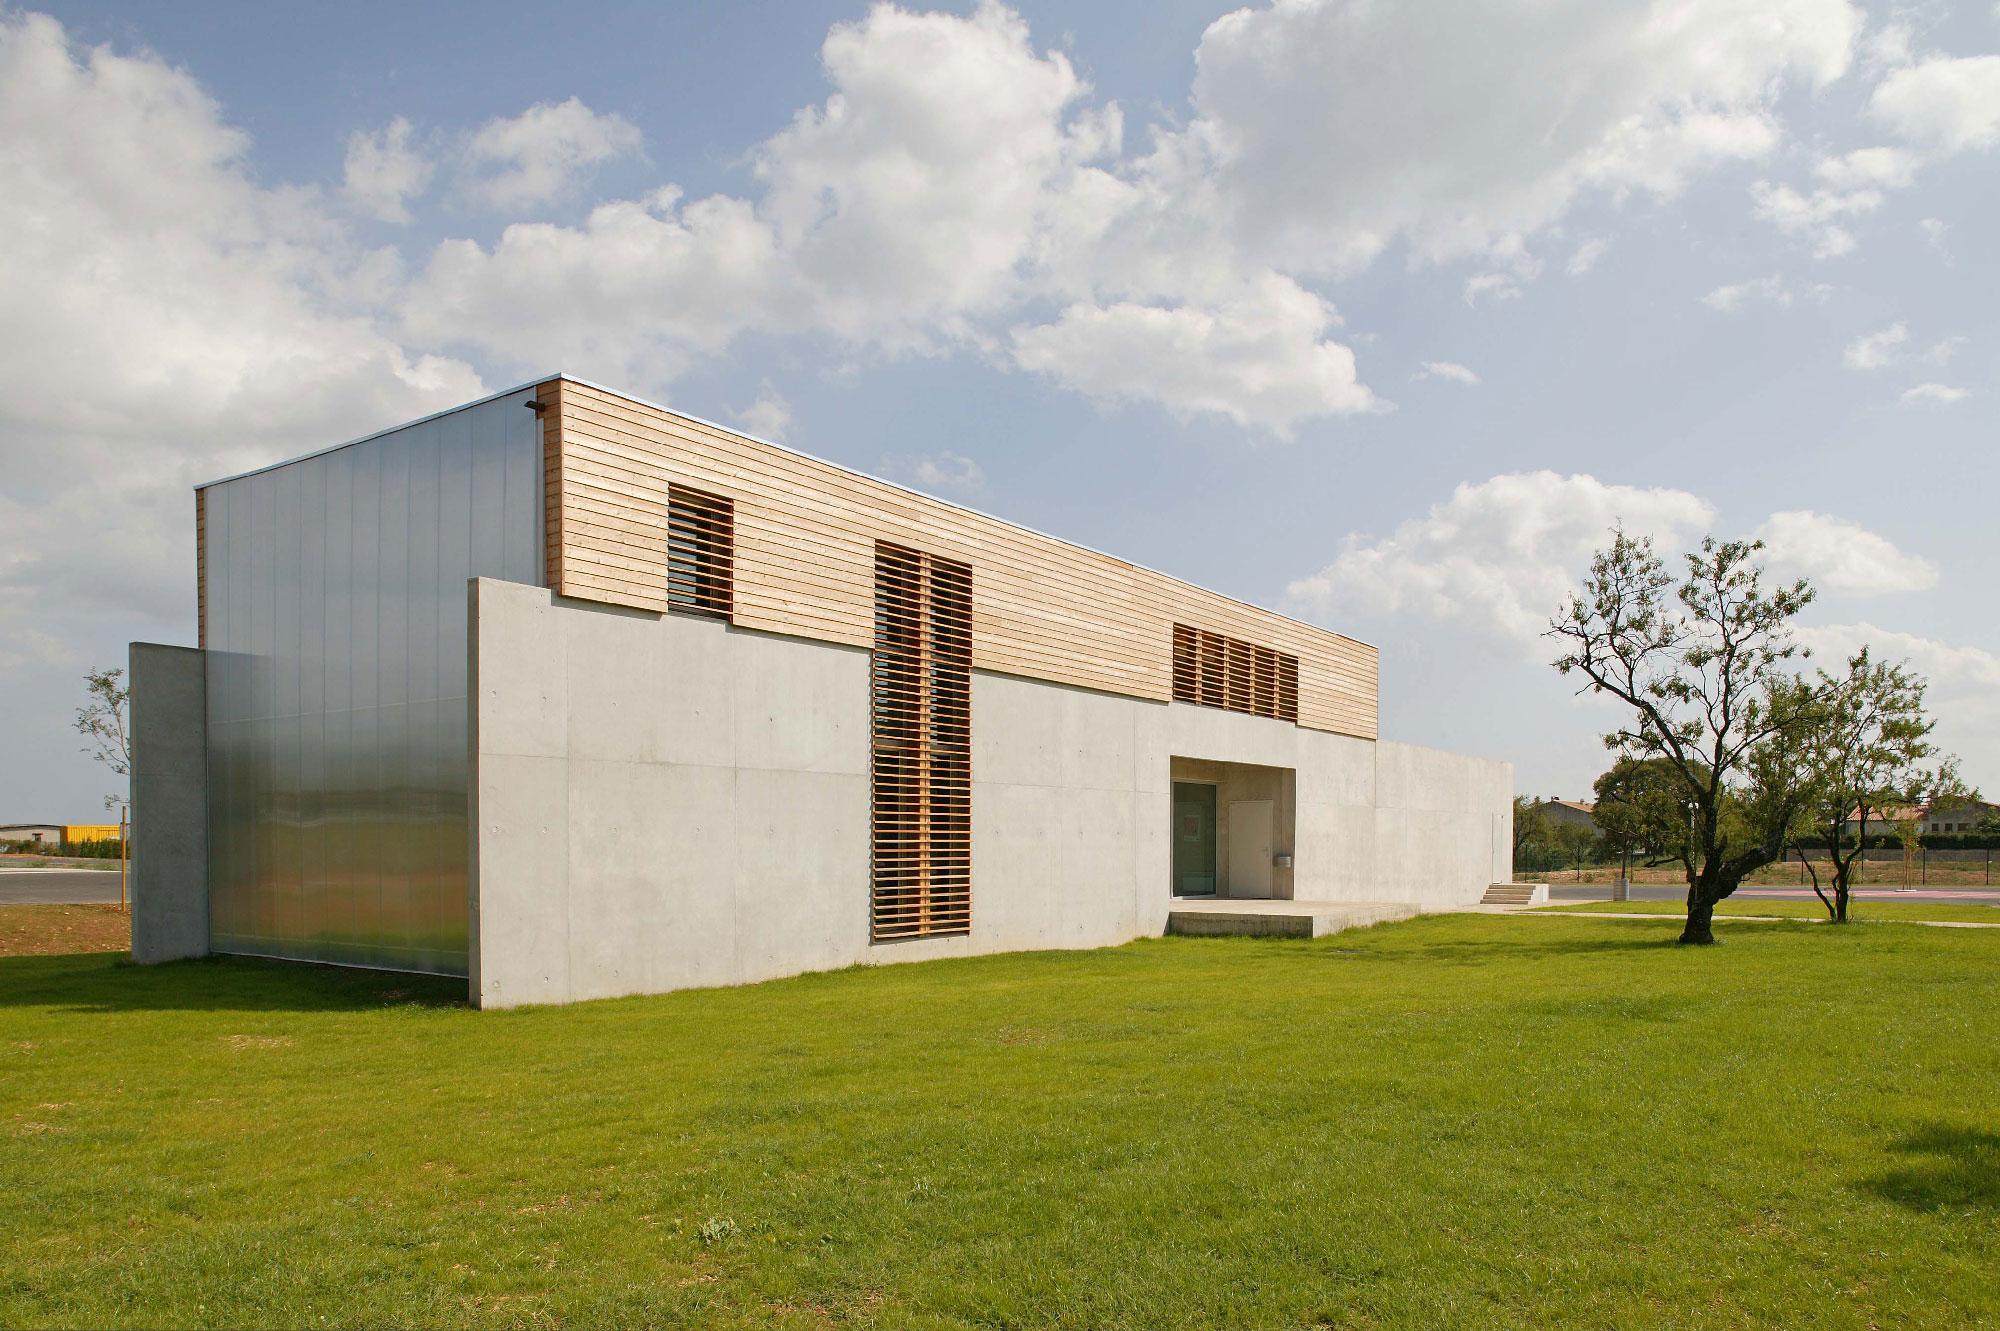 Centre des examens des permis de conduire de Nimes - TAUTEM Architecture - façade bois béton et réglite